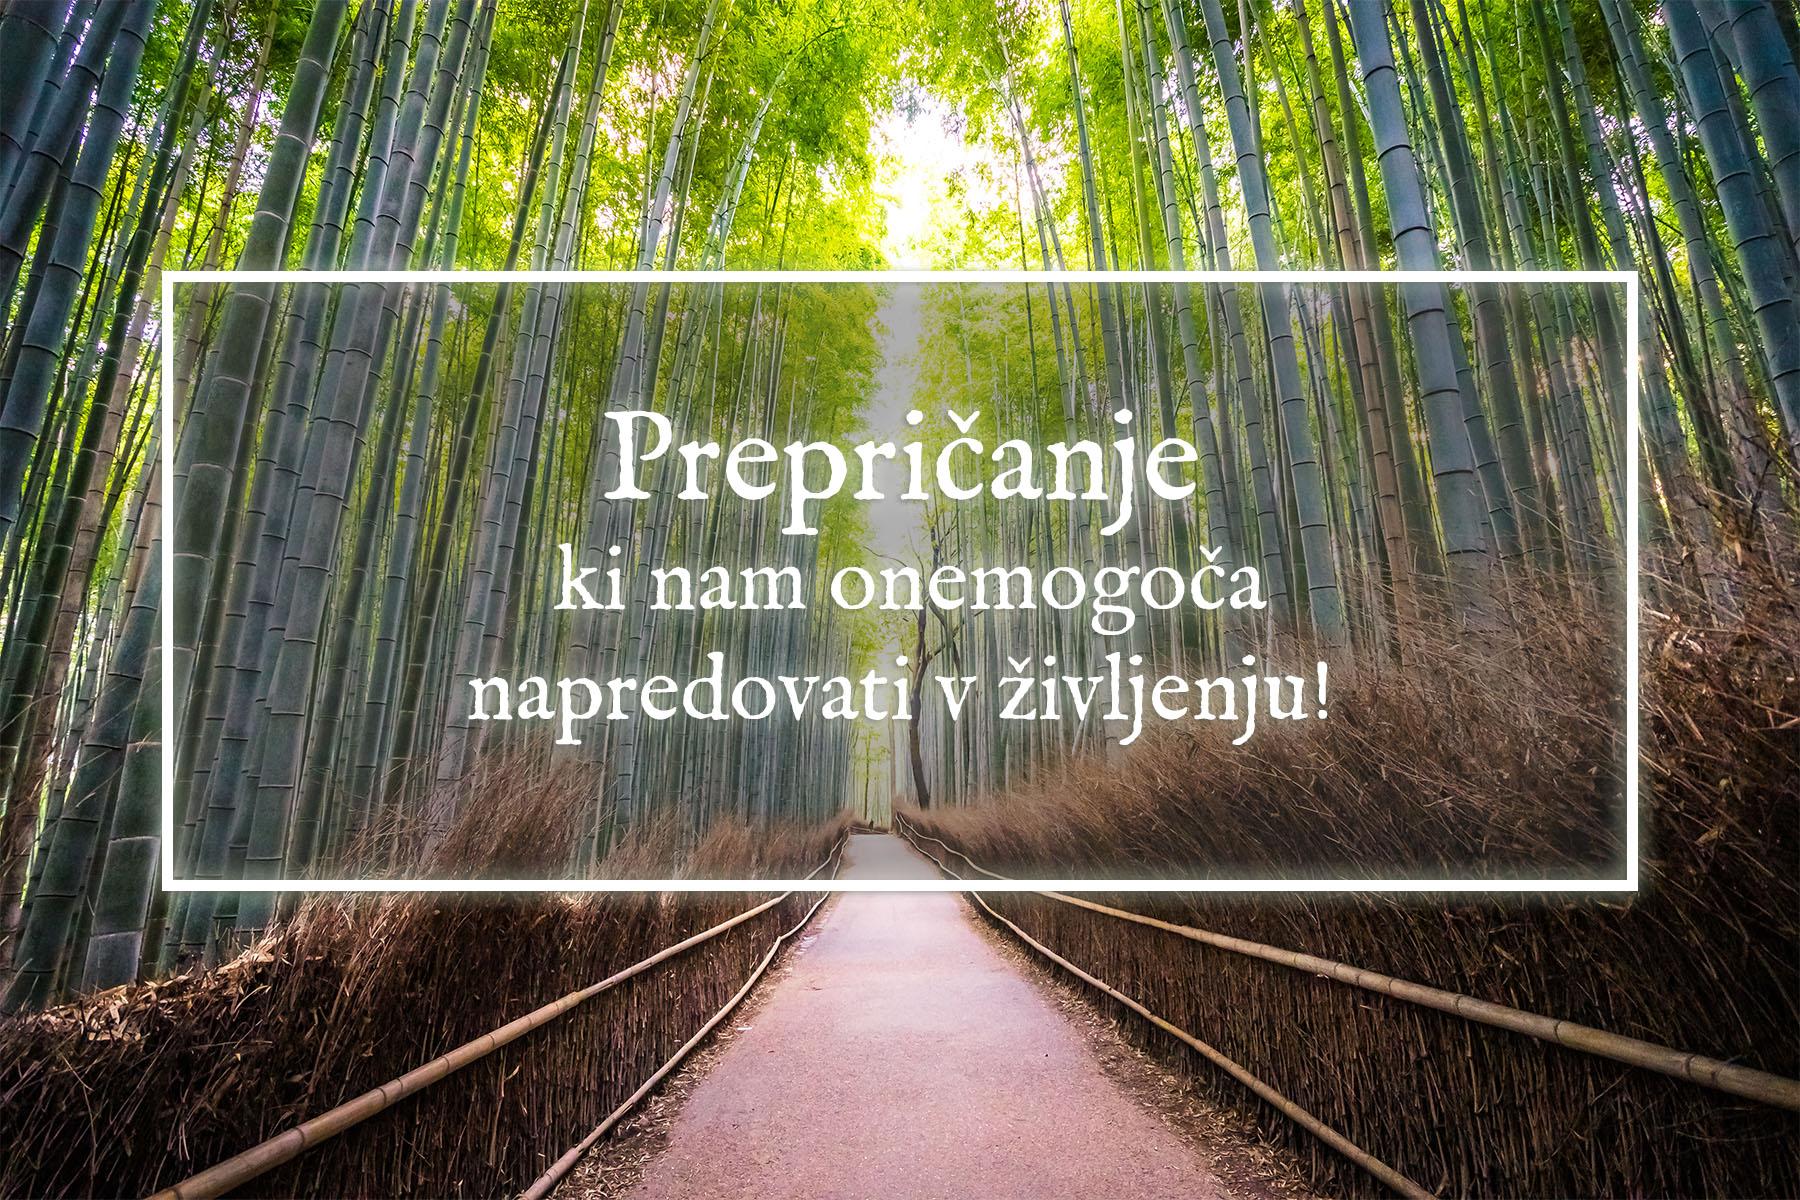 Prepričanje ki nam onemogoča napredovati v življenju